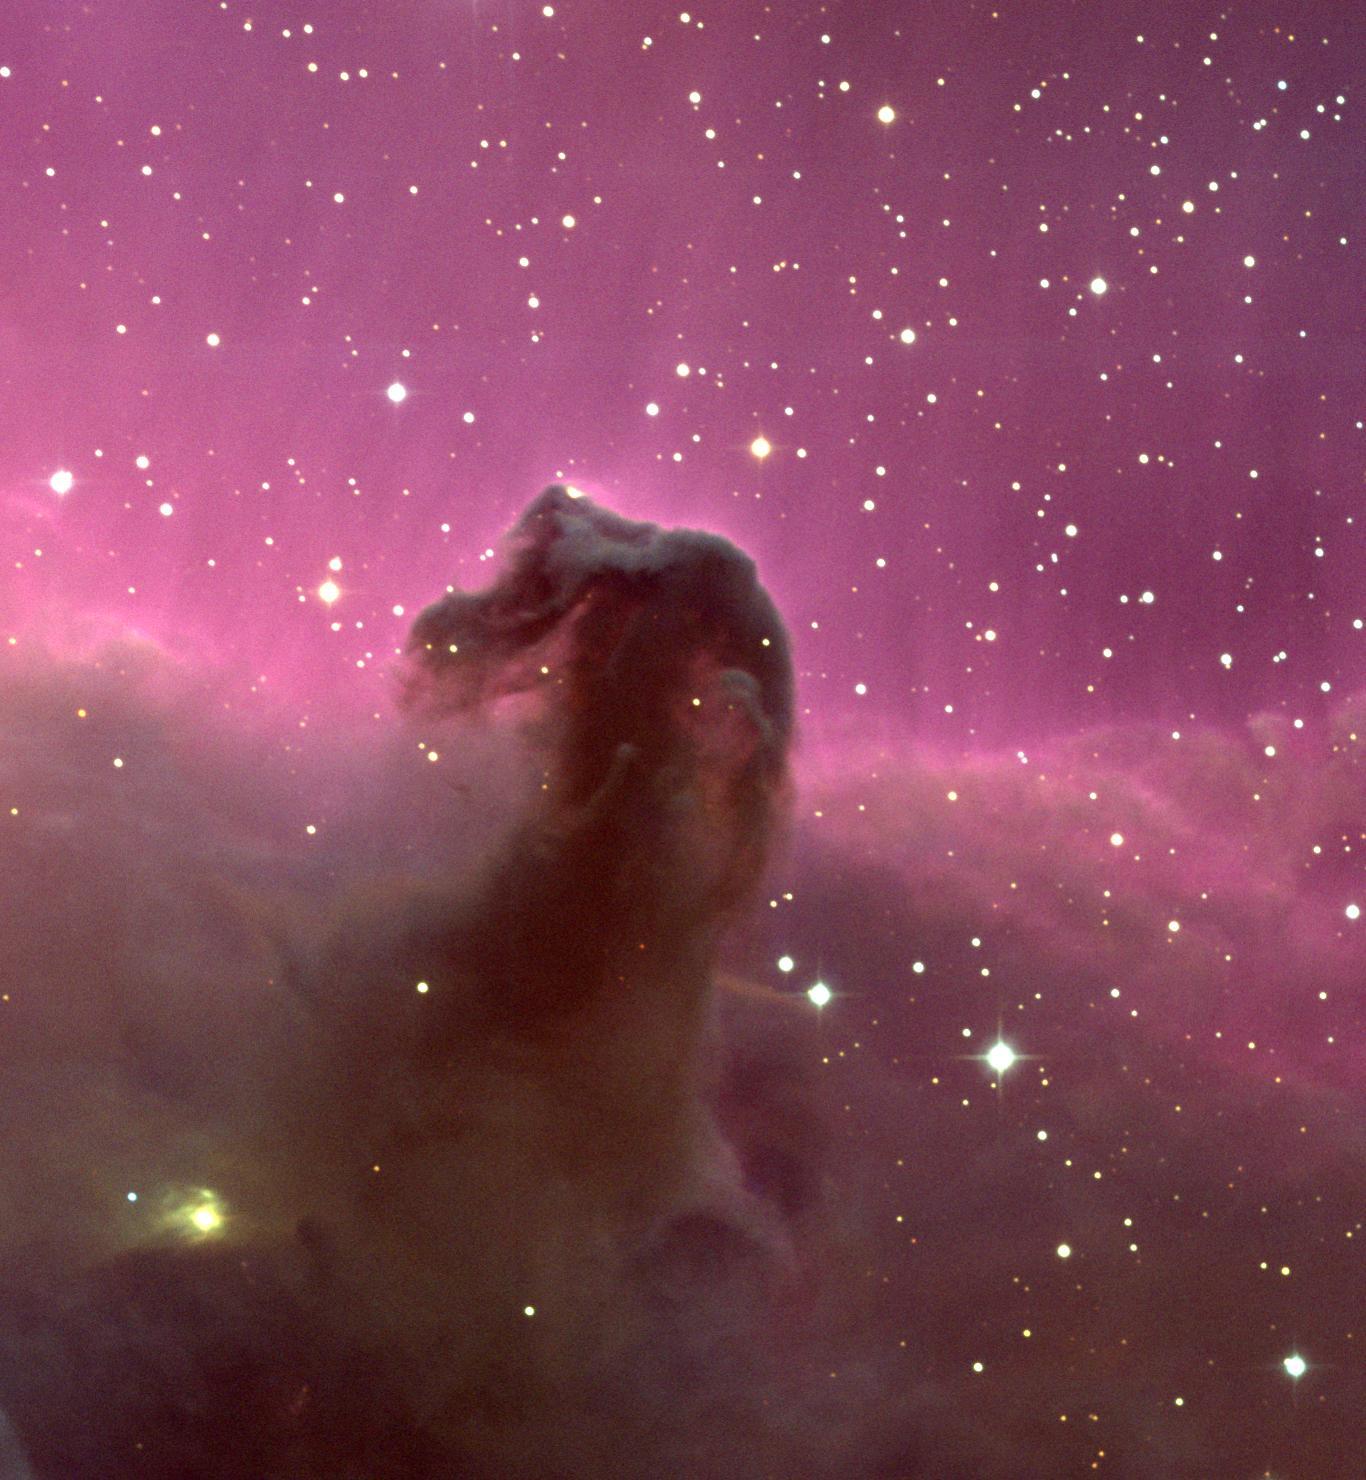 The Horsehead NebulaHorsehead Nebula